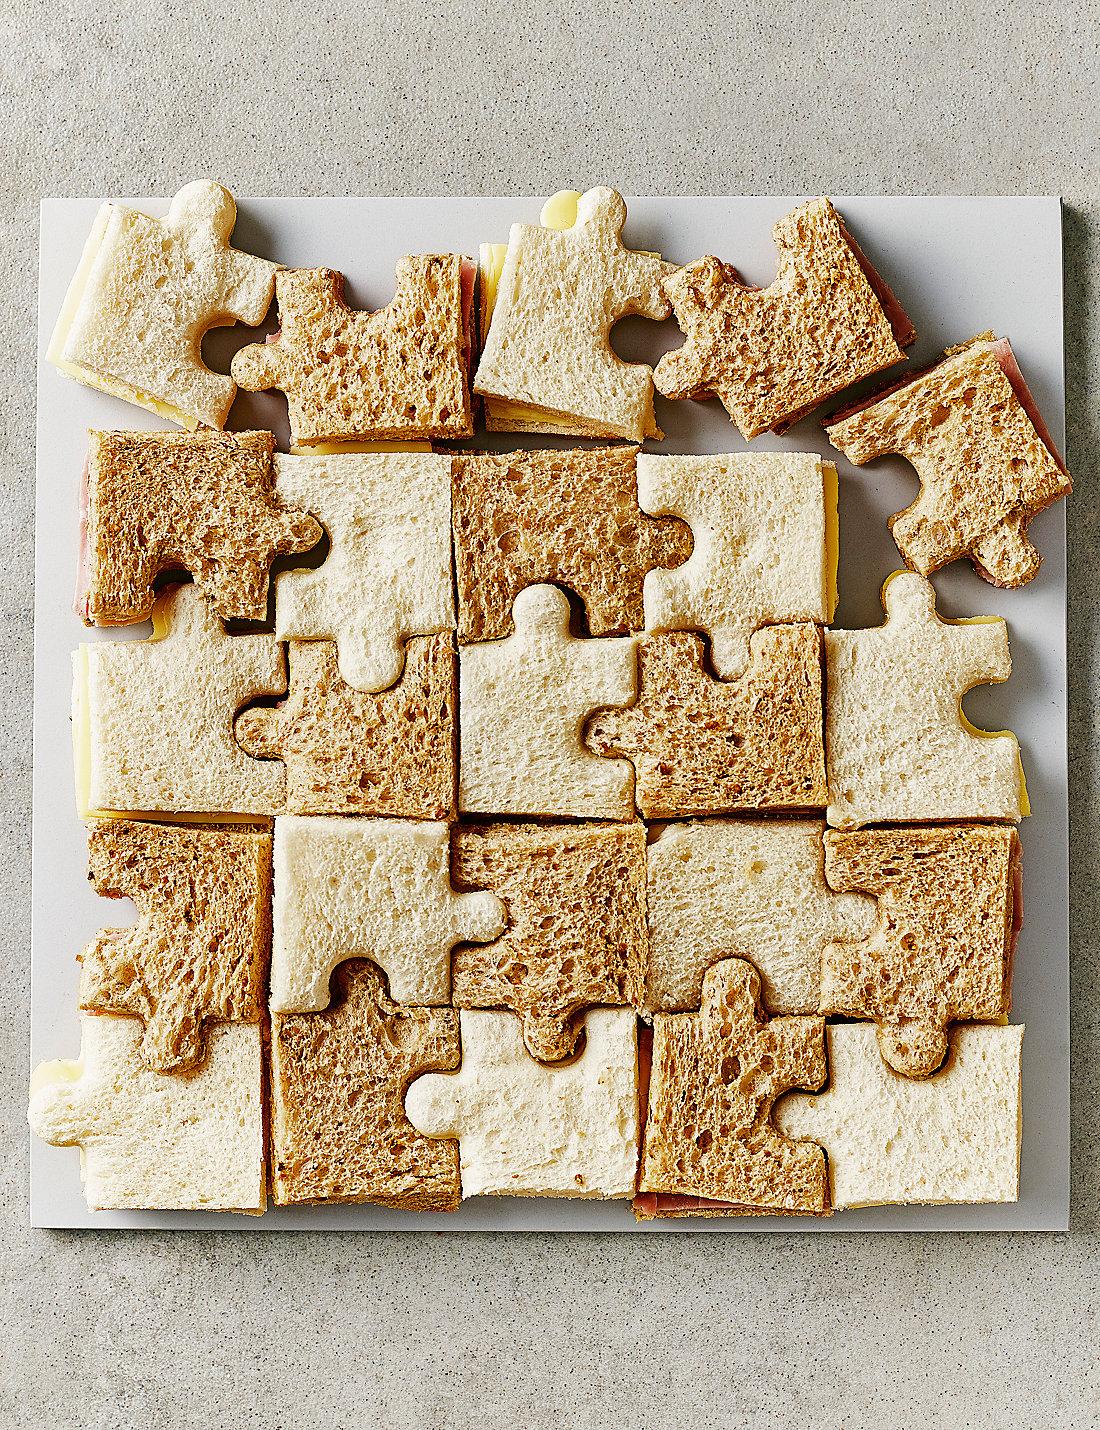 Children's Jigsaw Platter - 24 Pieces